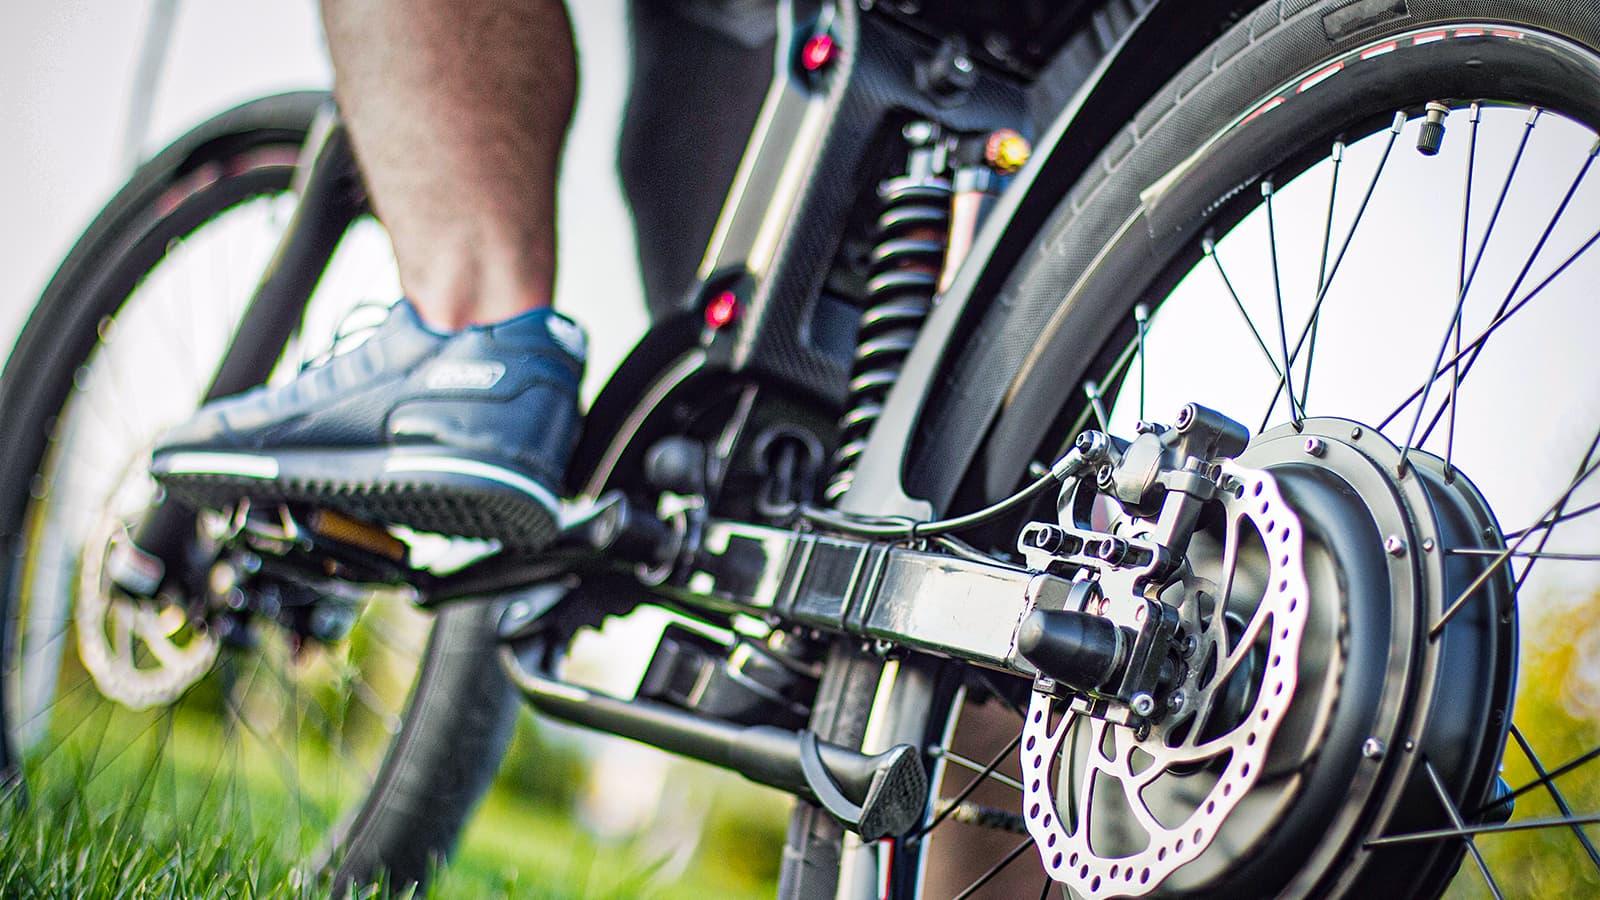 Wstyd jeździć rowerem elektrycznym? A gdzie tam, e-rower może nam pomóc